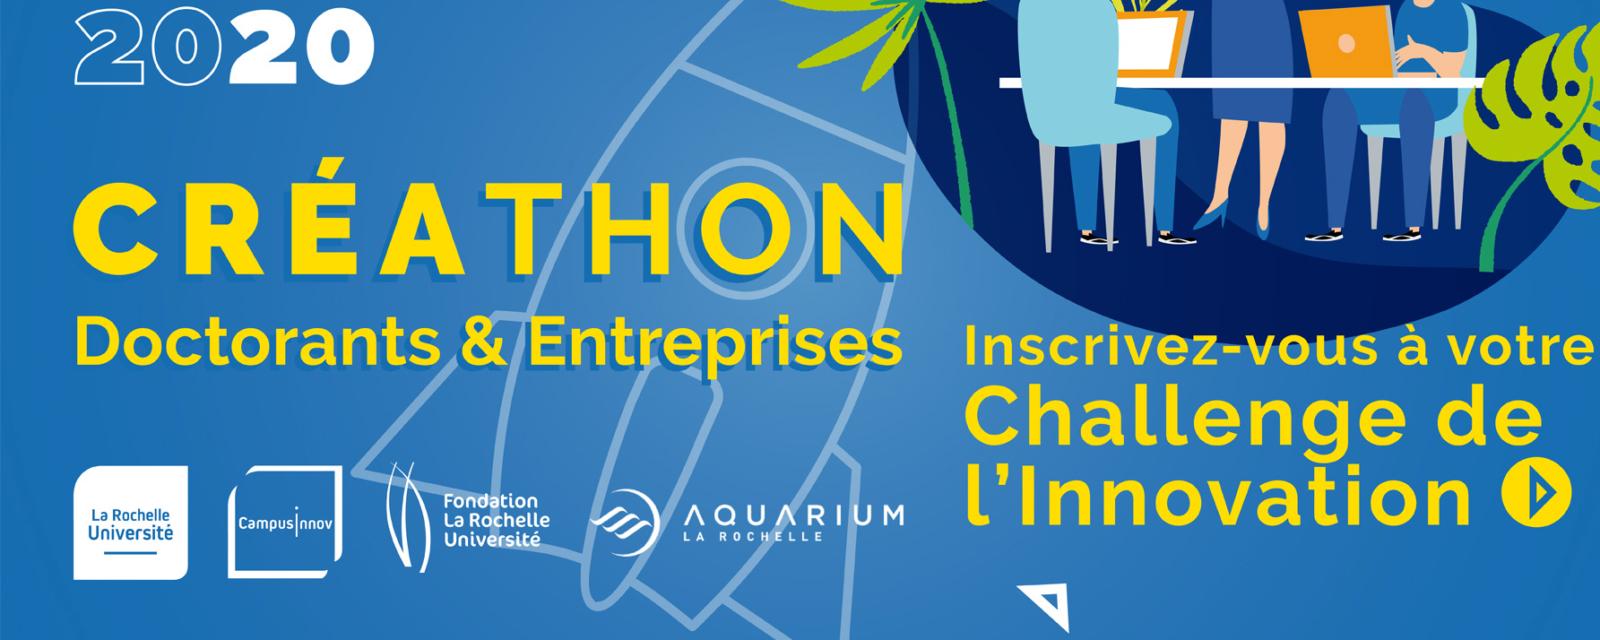 CampusInnov et la Fondation organisent un Créathon le 24 janvier 2020 2